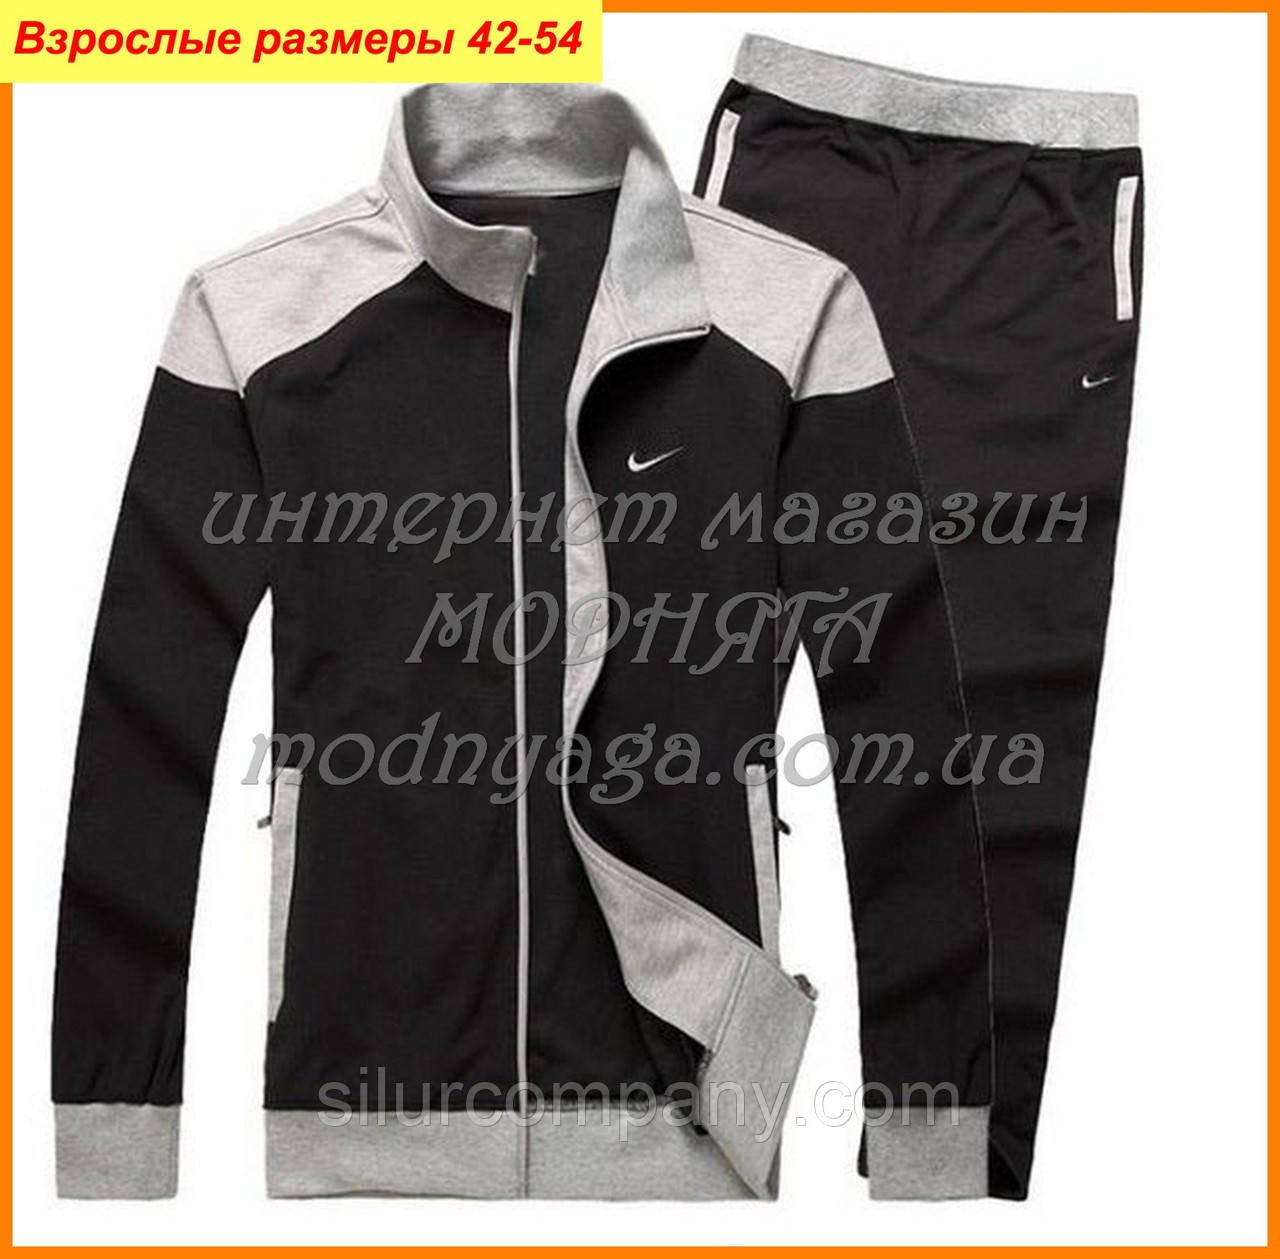 754d314d1ddd Спортивные костюмы мужские Nike   Киев Харьков Украина - Интернет магазин